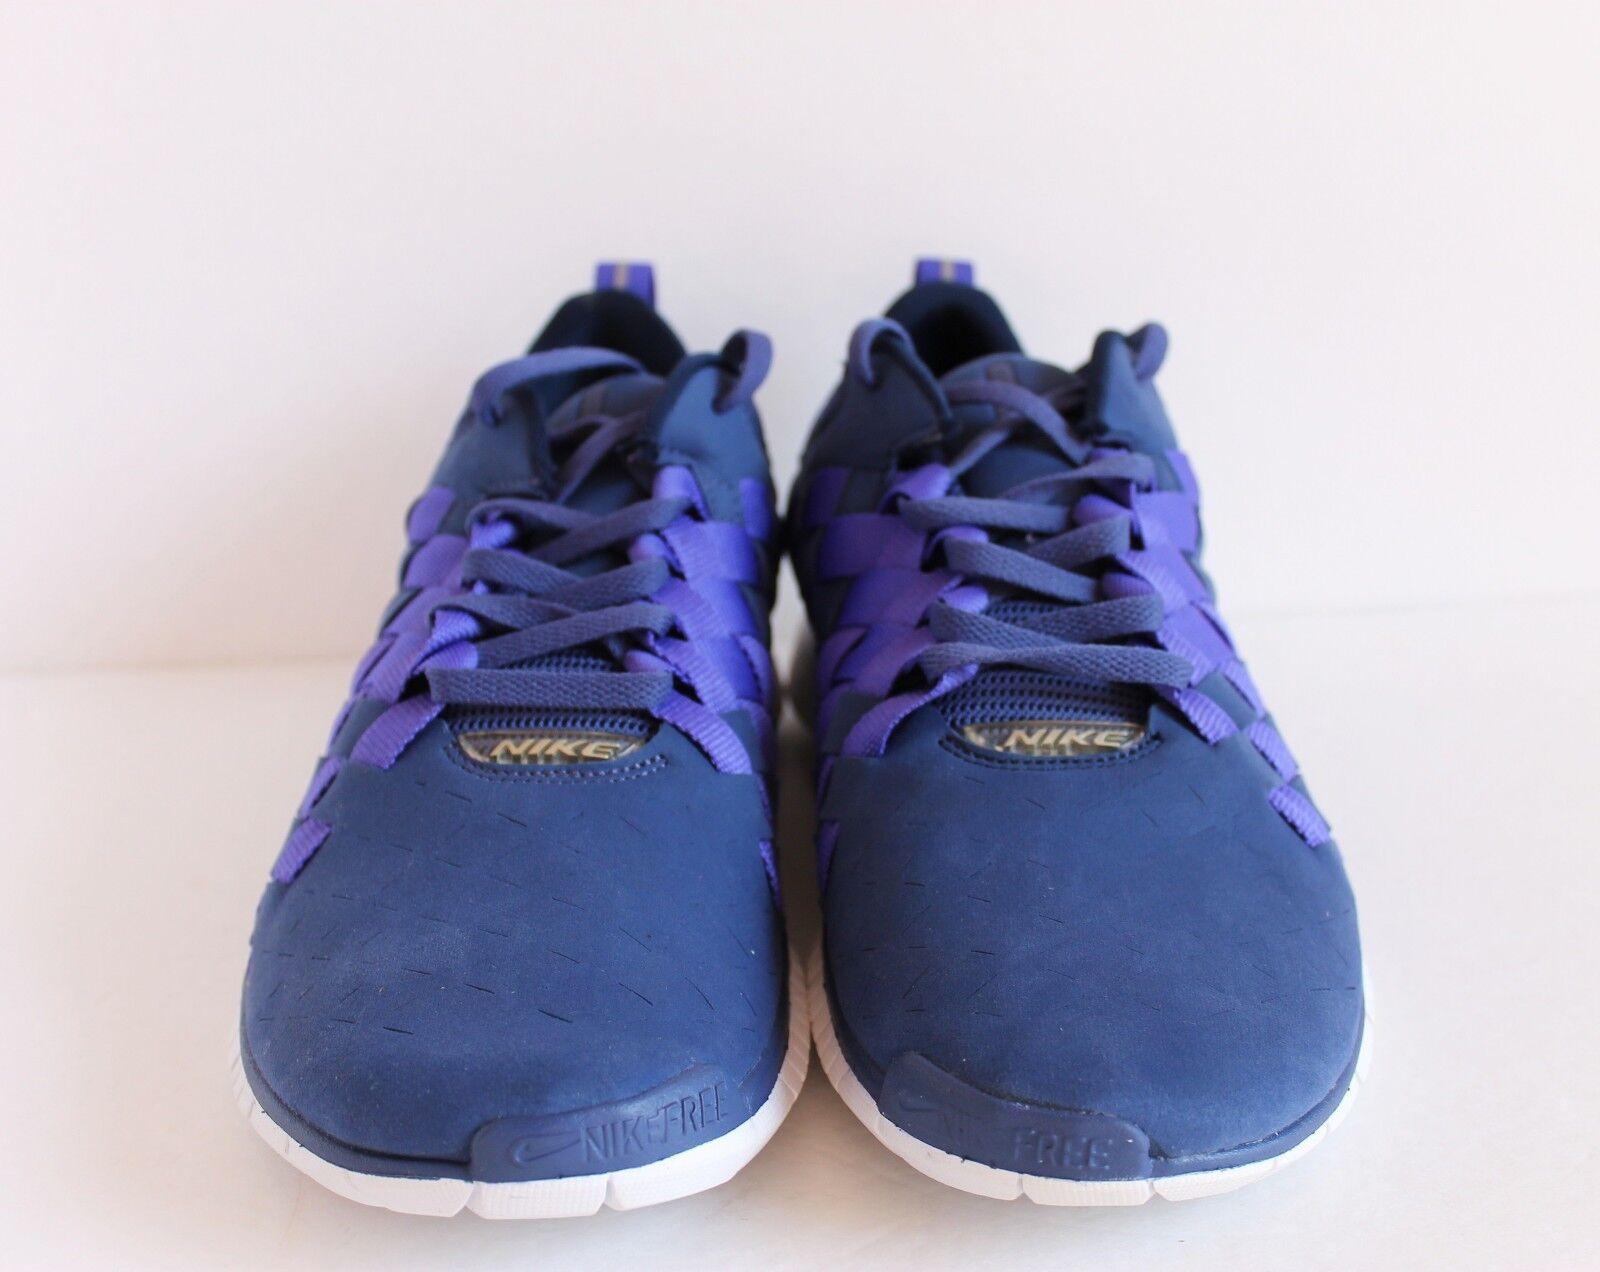 NIKE FREE OG '14 WOVEN OG [725070-400] Bleu Violet SZ 10 [725070-400] OG ff6679